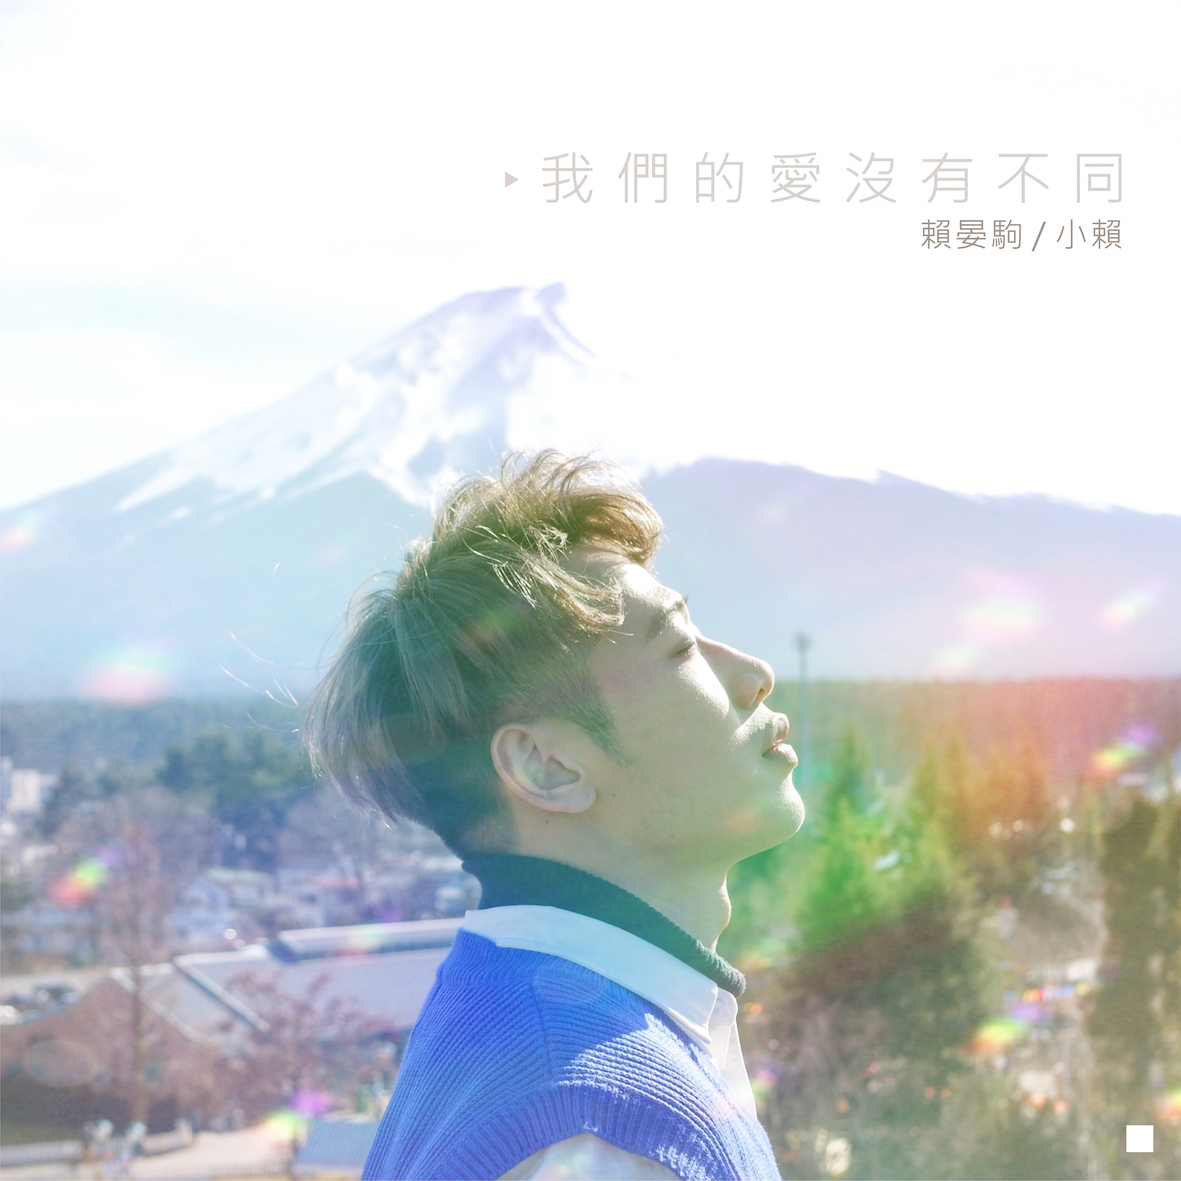 赖晏驹(小赖):我们的爱没有不同